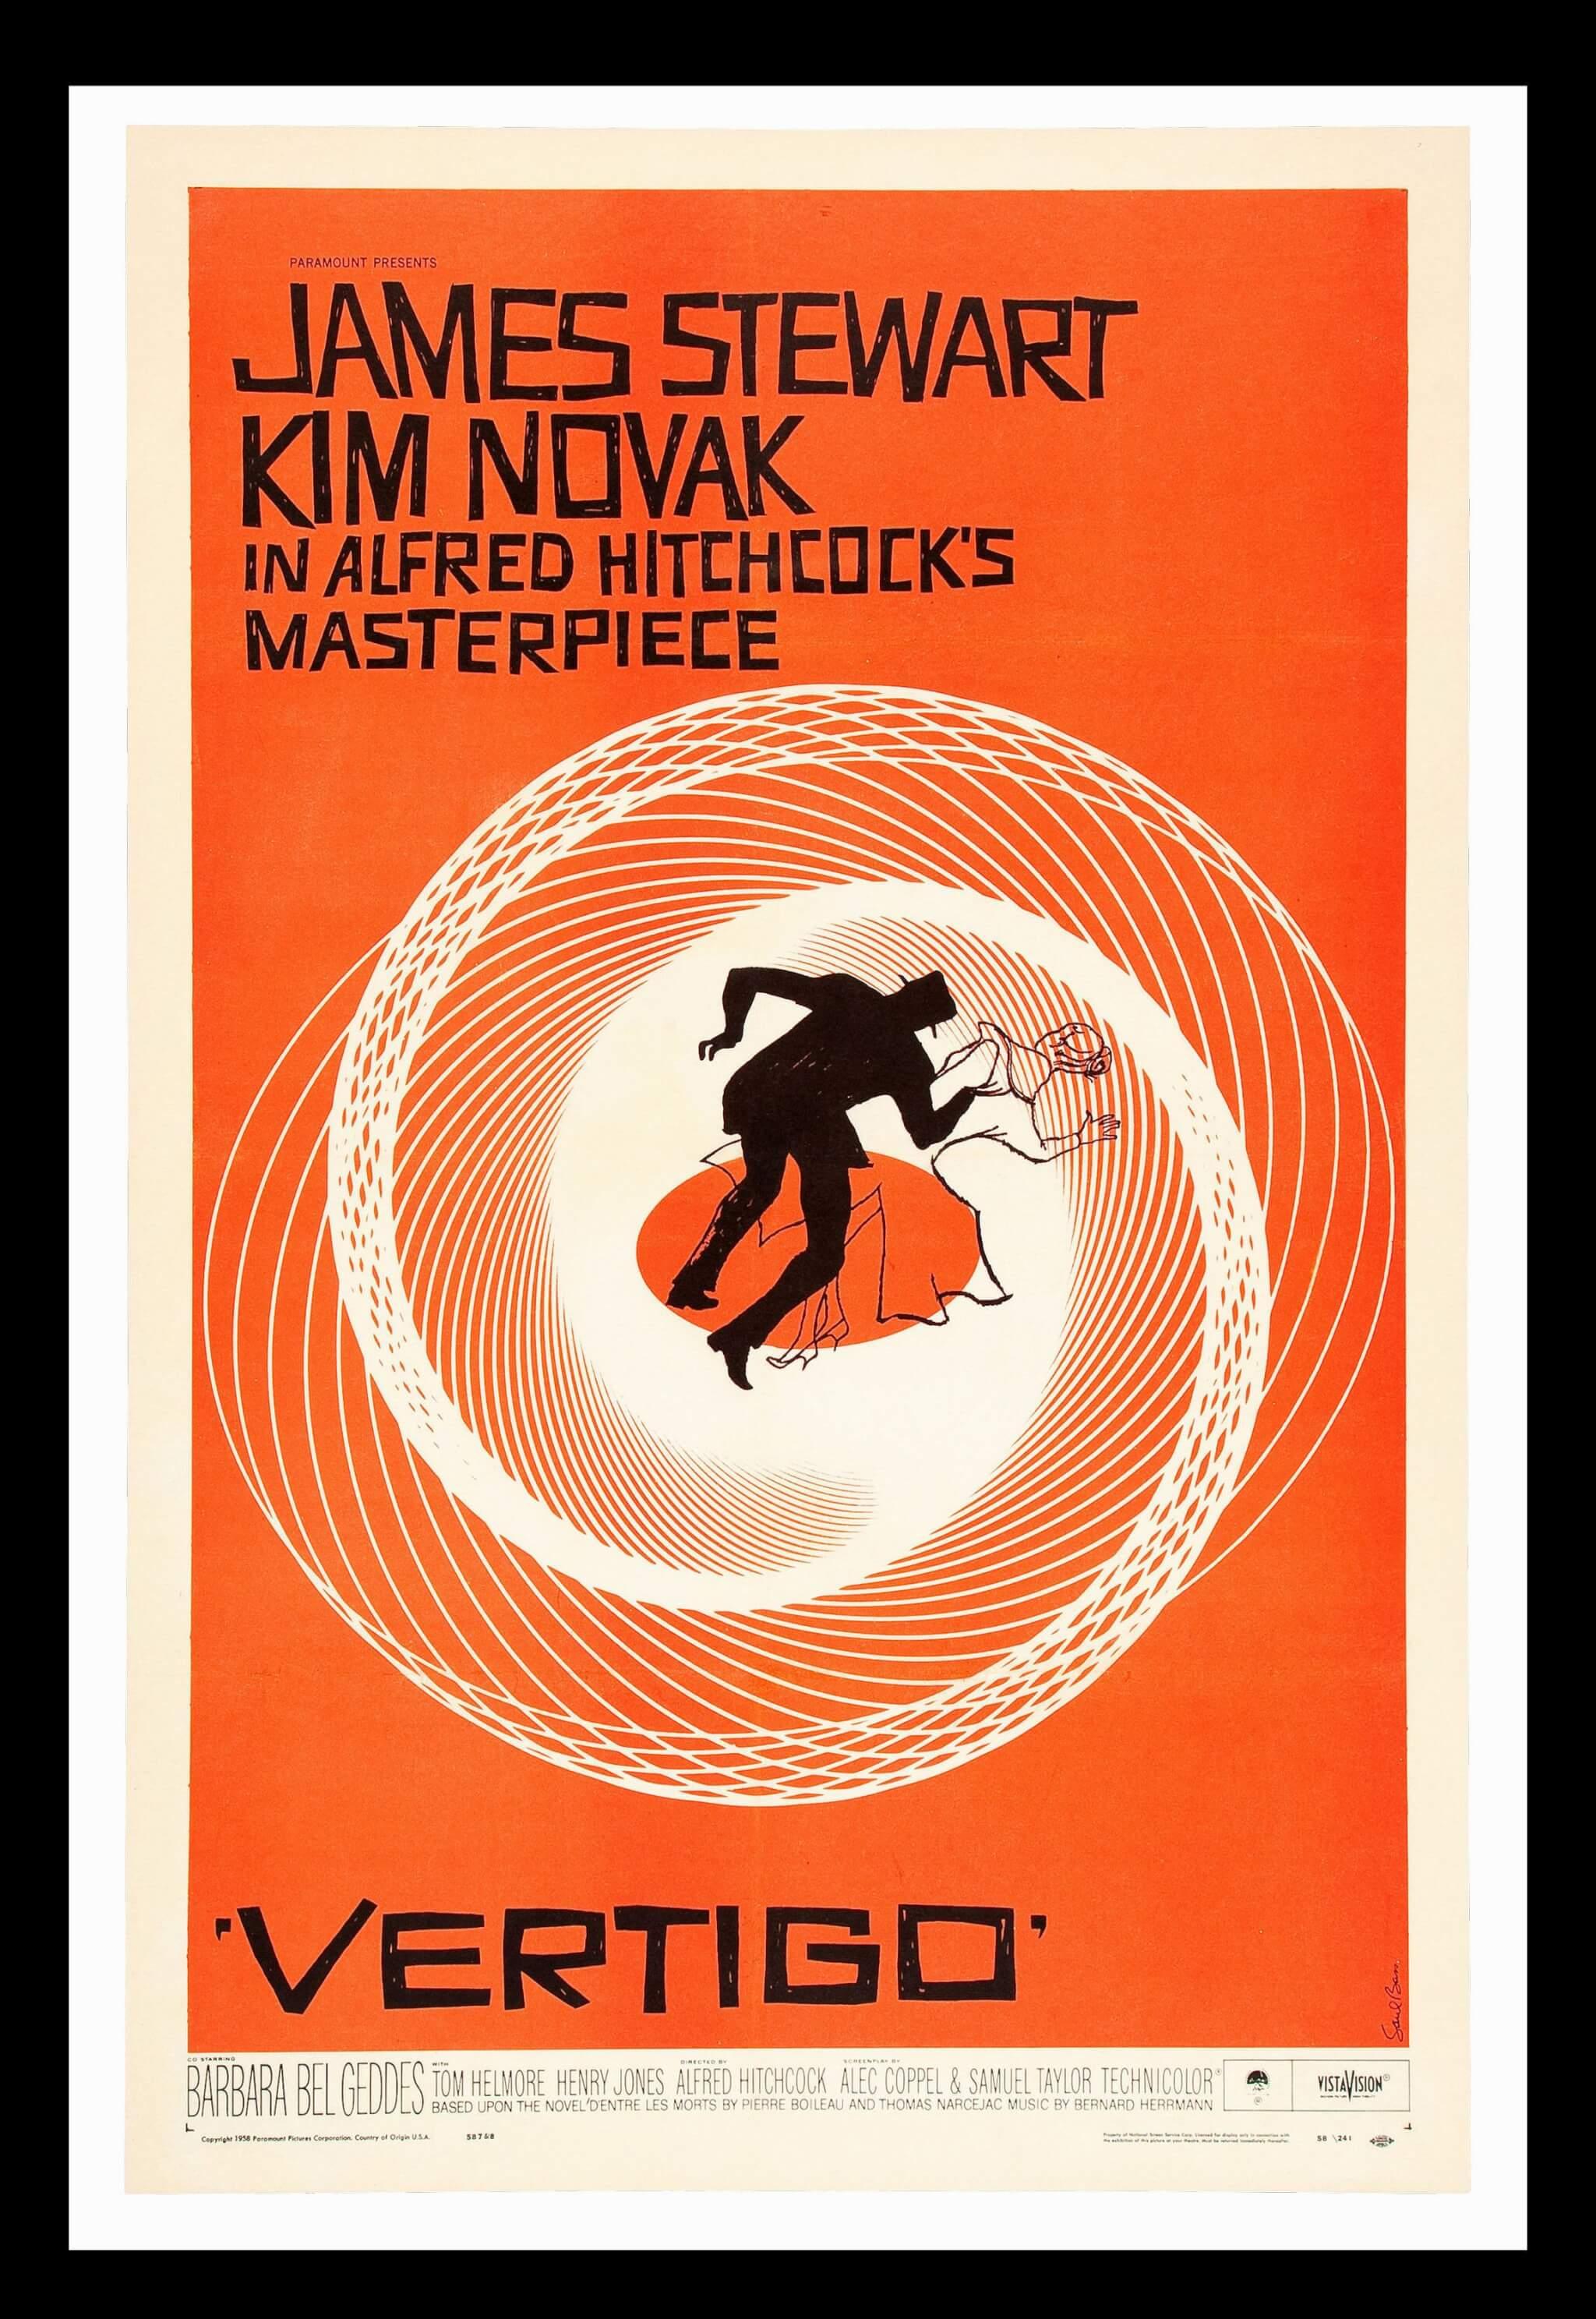 póster de Vertigo de Alfred Hitchcock